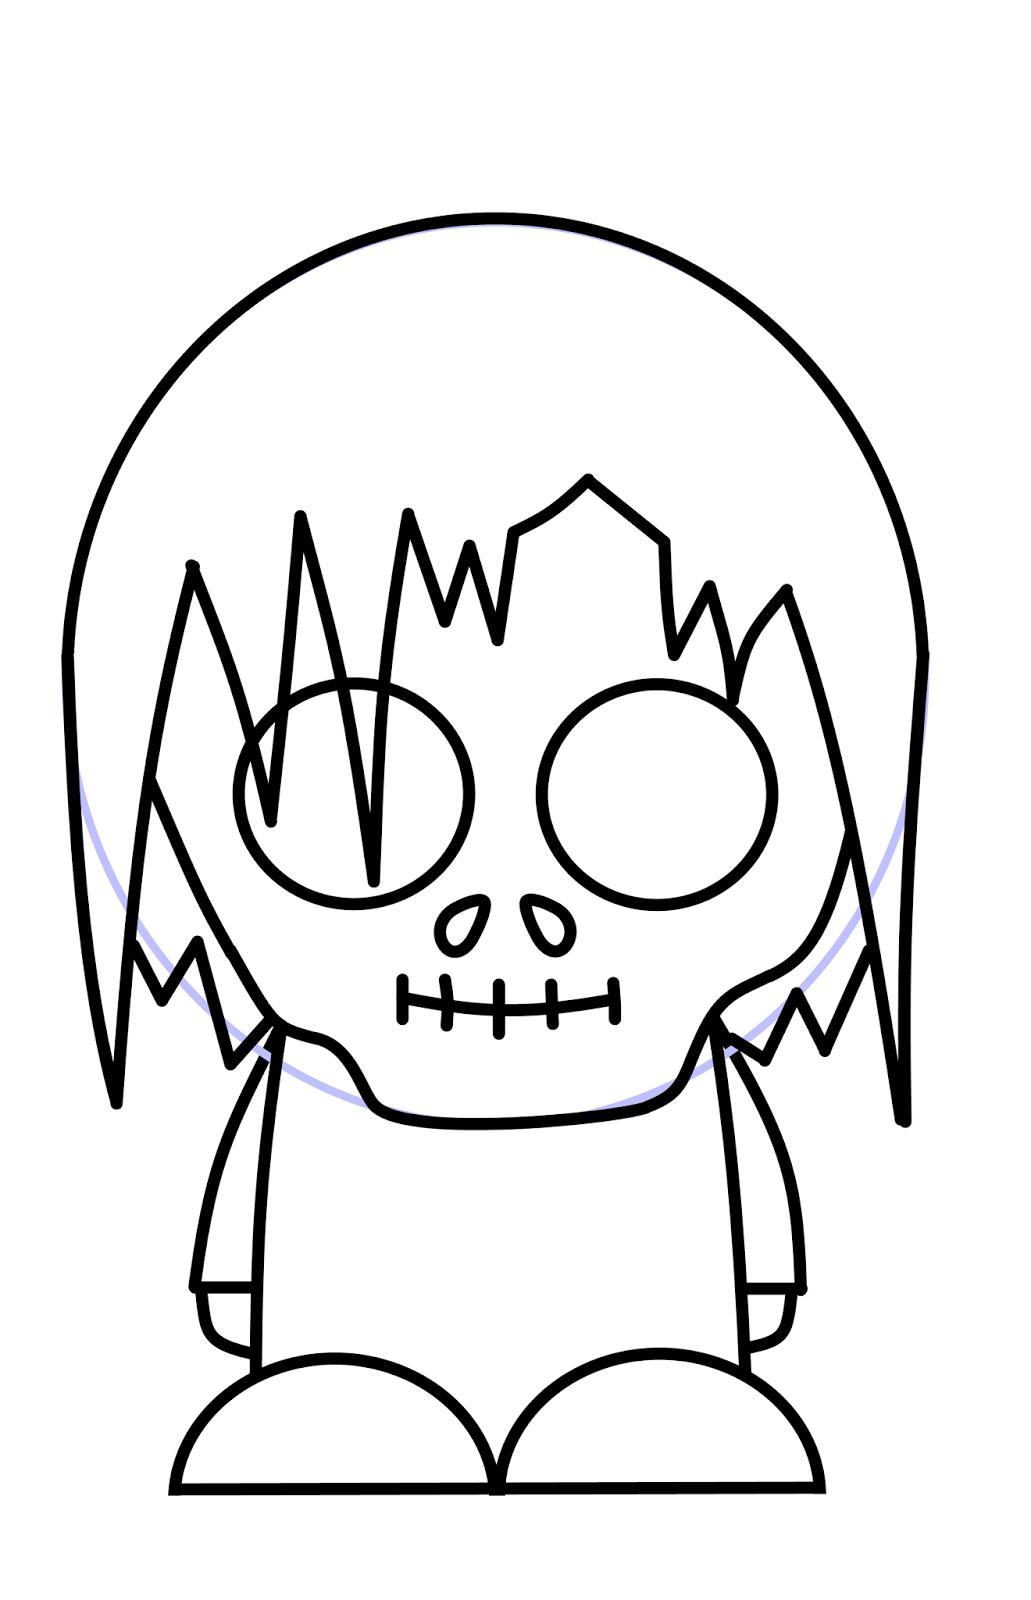 1031x1600 How To Draw Cartoons Zombie